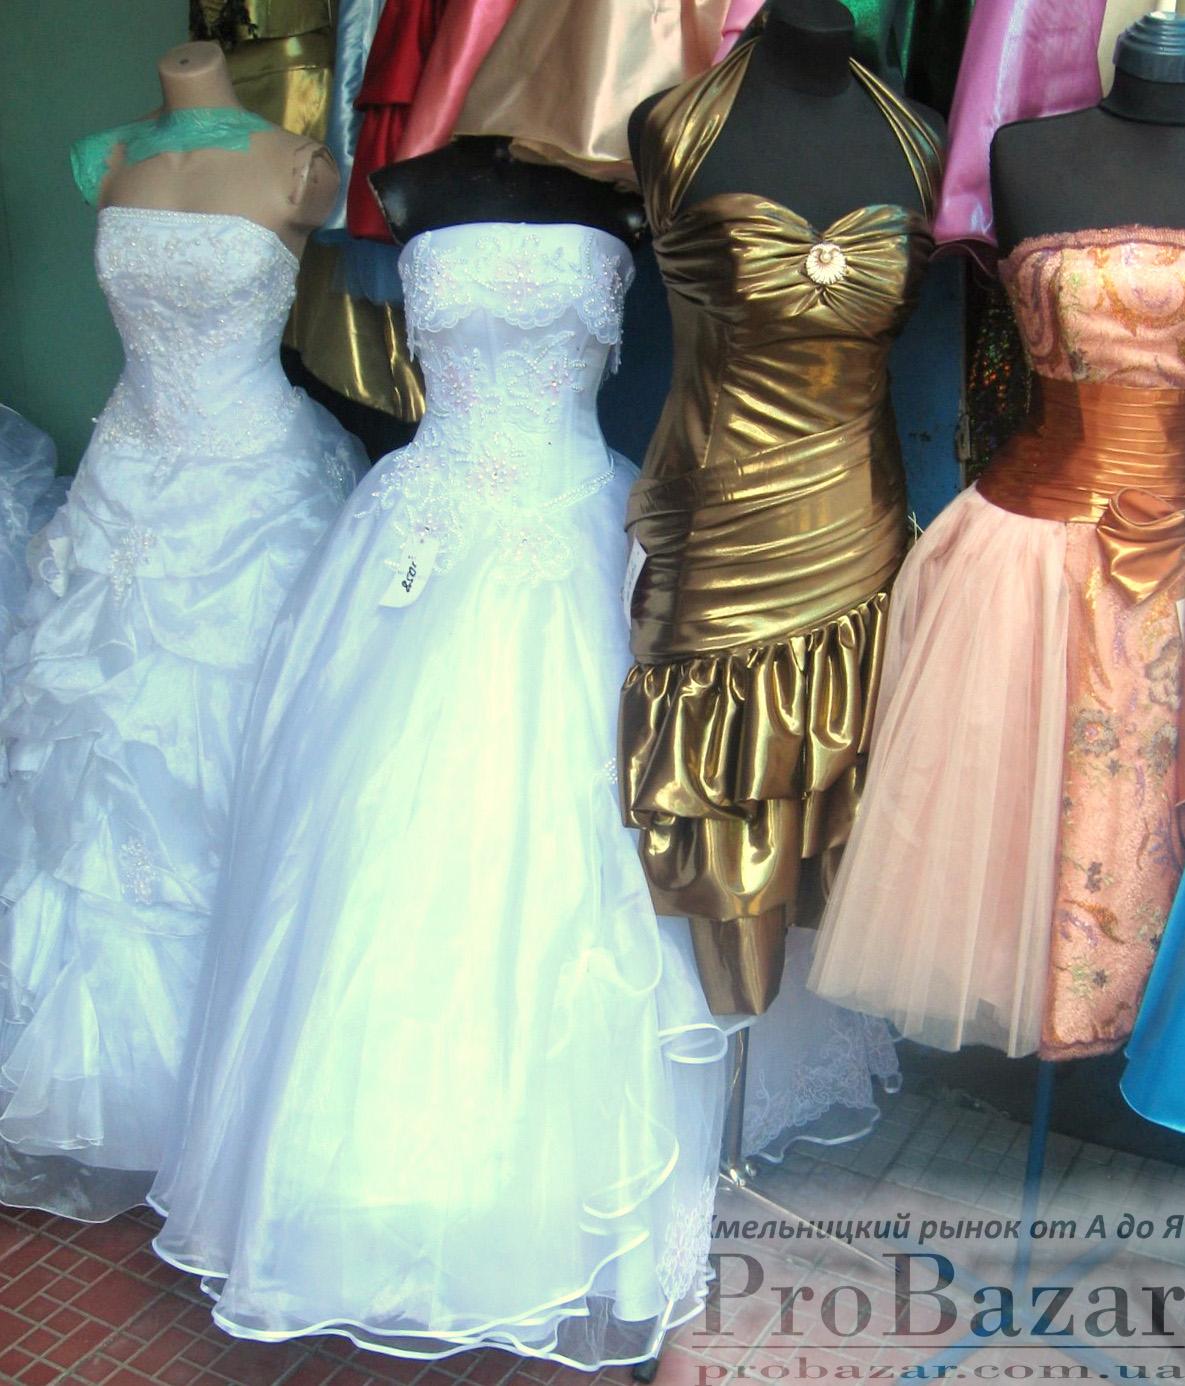 Свадебные платья хмельницкого рынка